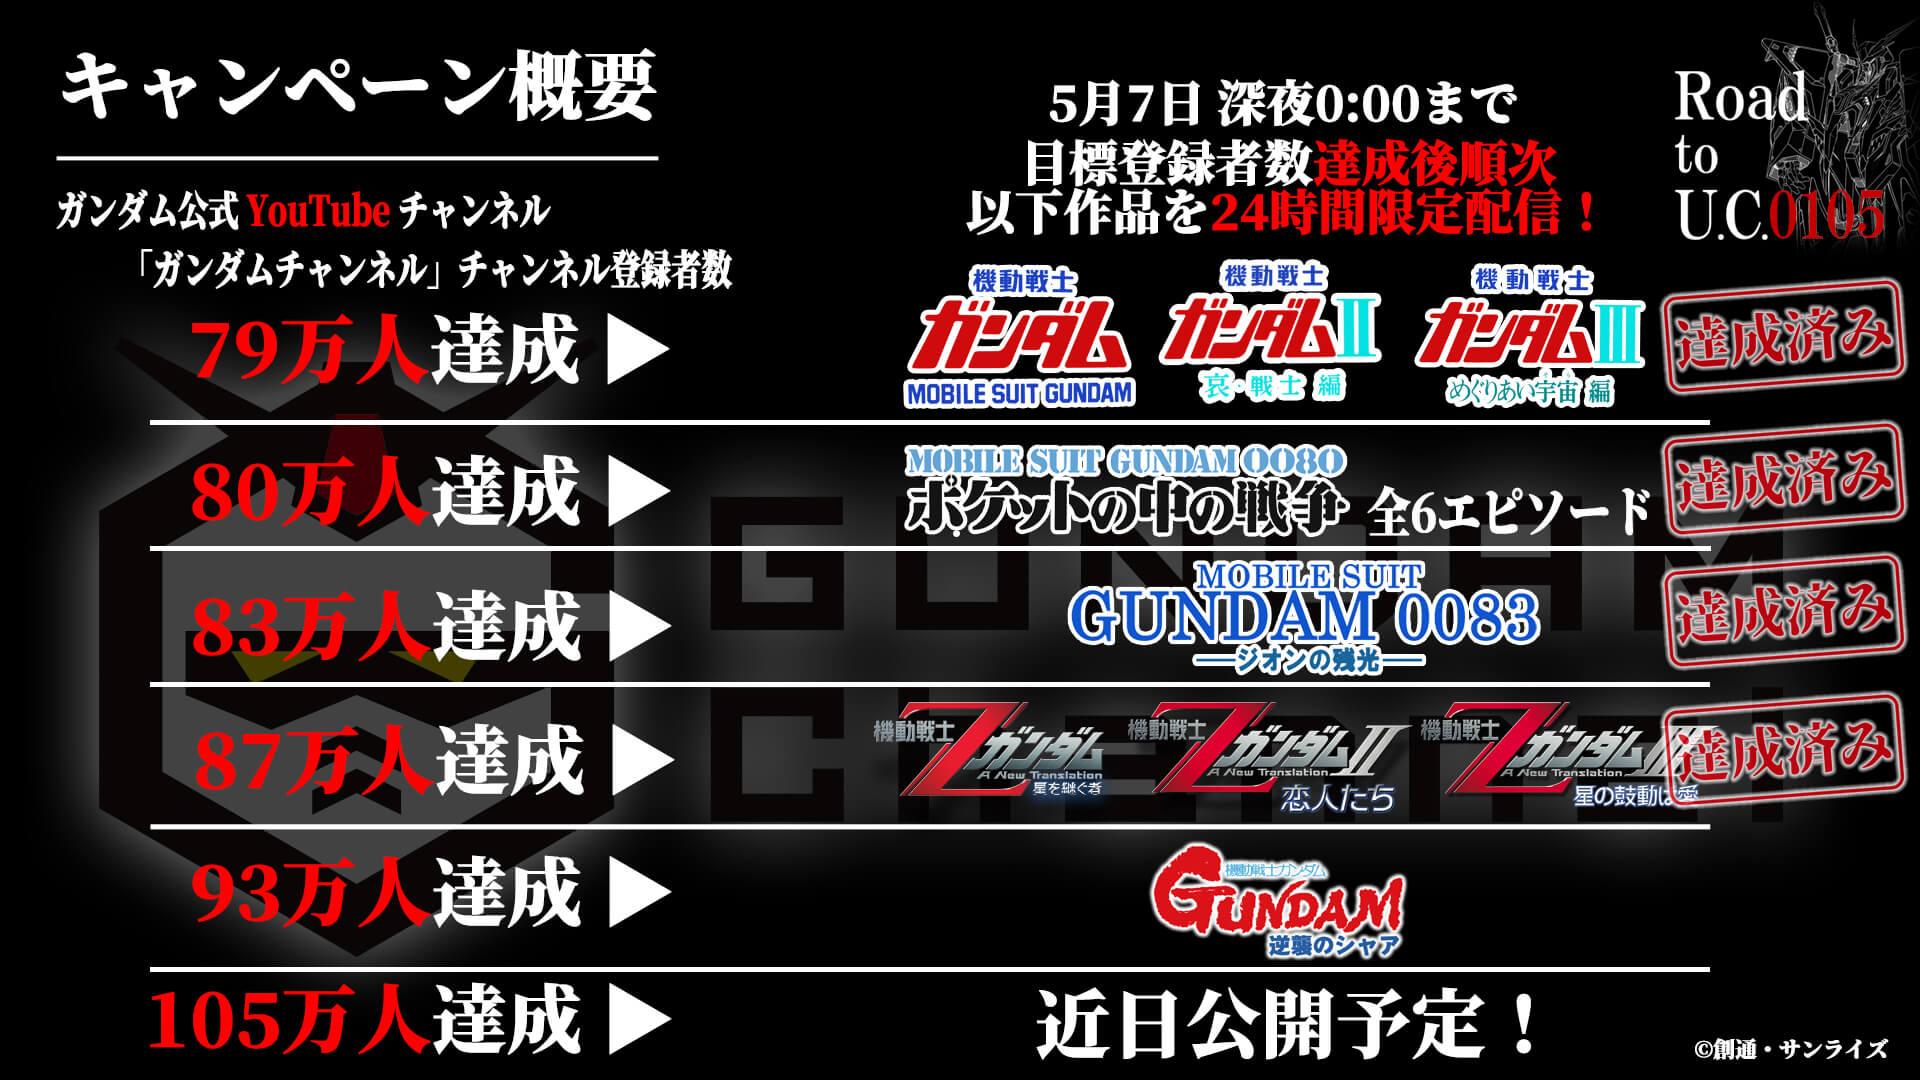 今度は『機動戦士ガンダム0080』が無料プレミア公開決定!ガンダム公式YouTubeチャンネル登録者80万人突破 art210212_gundam0080_4